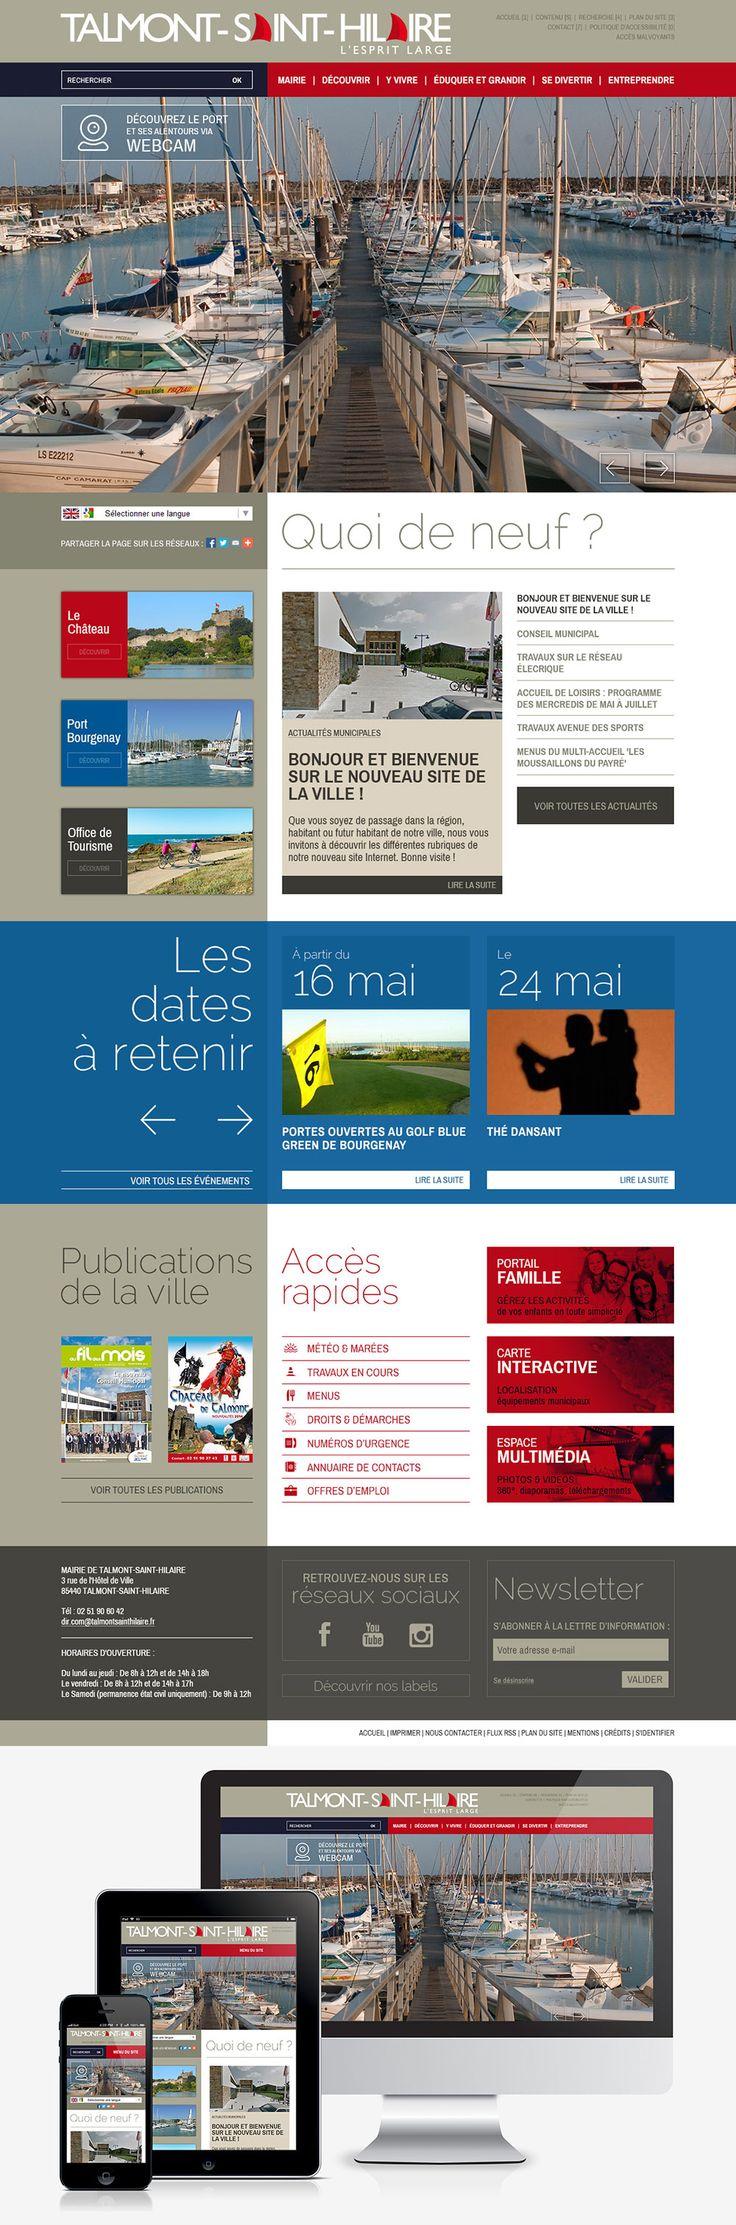 #Webdesign #Responsive #Mairie #Ville #Colterr : la refonte du site web de la ville de Talmont-Saint-Hilaire (85) www.talmont-saint-hilaire.fr